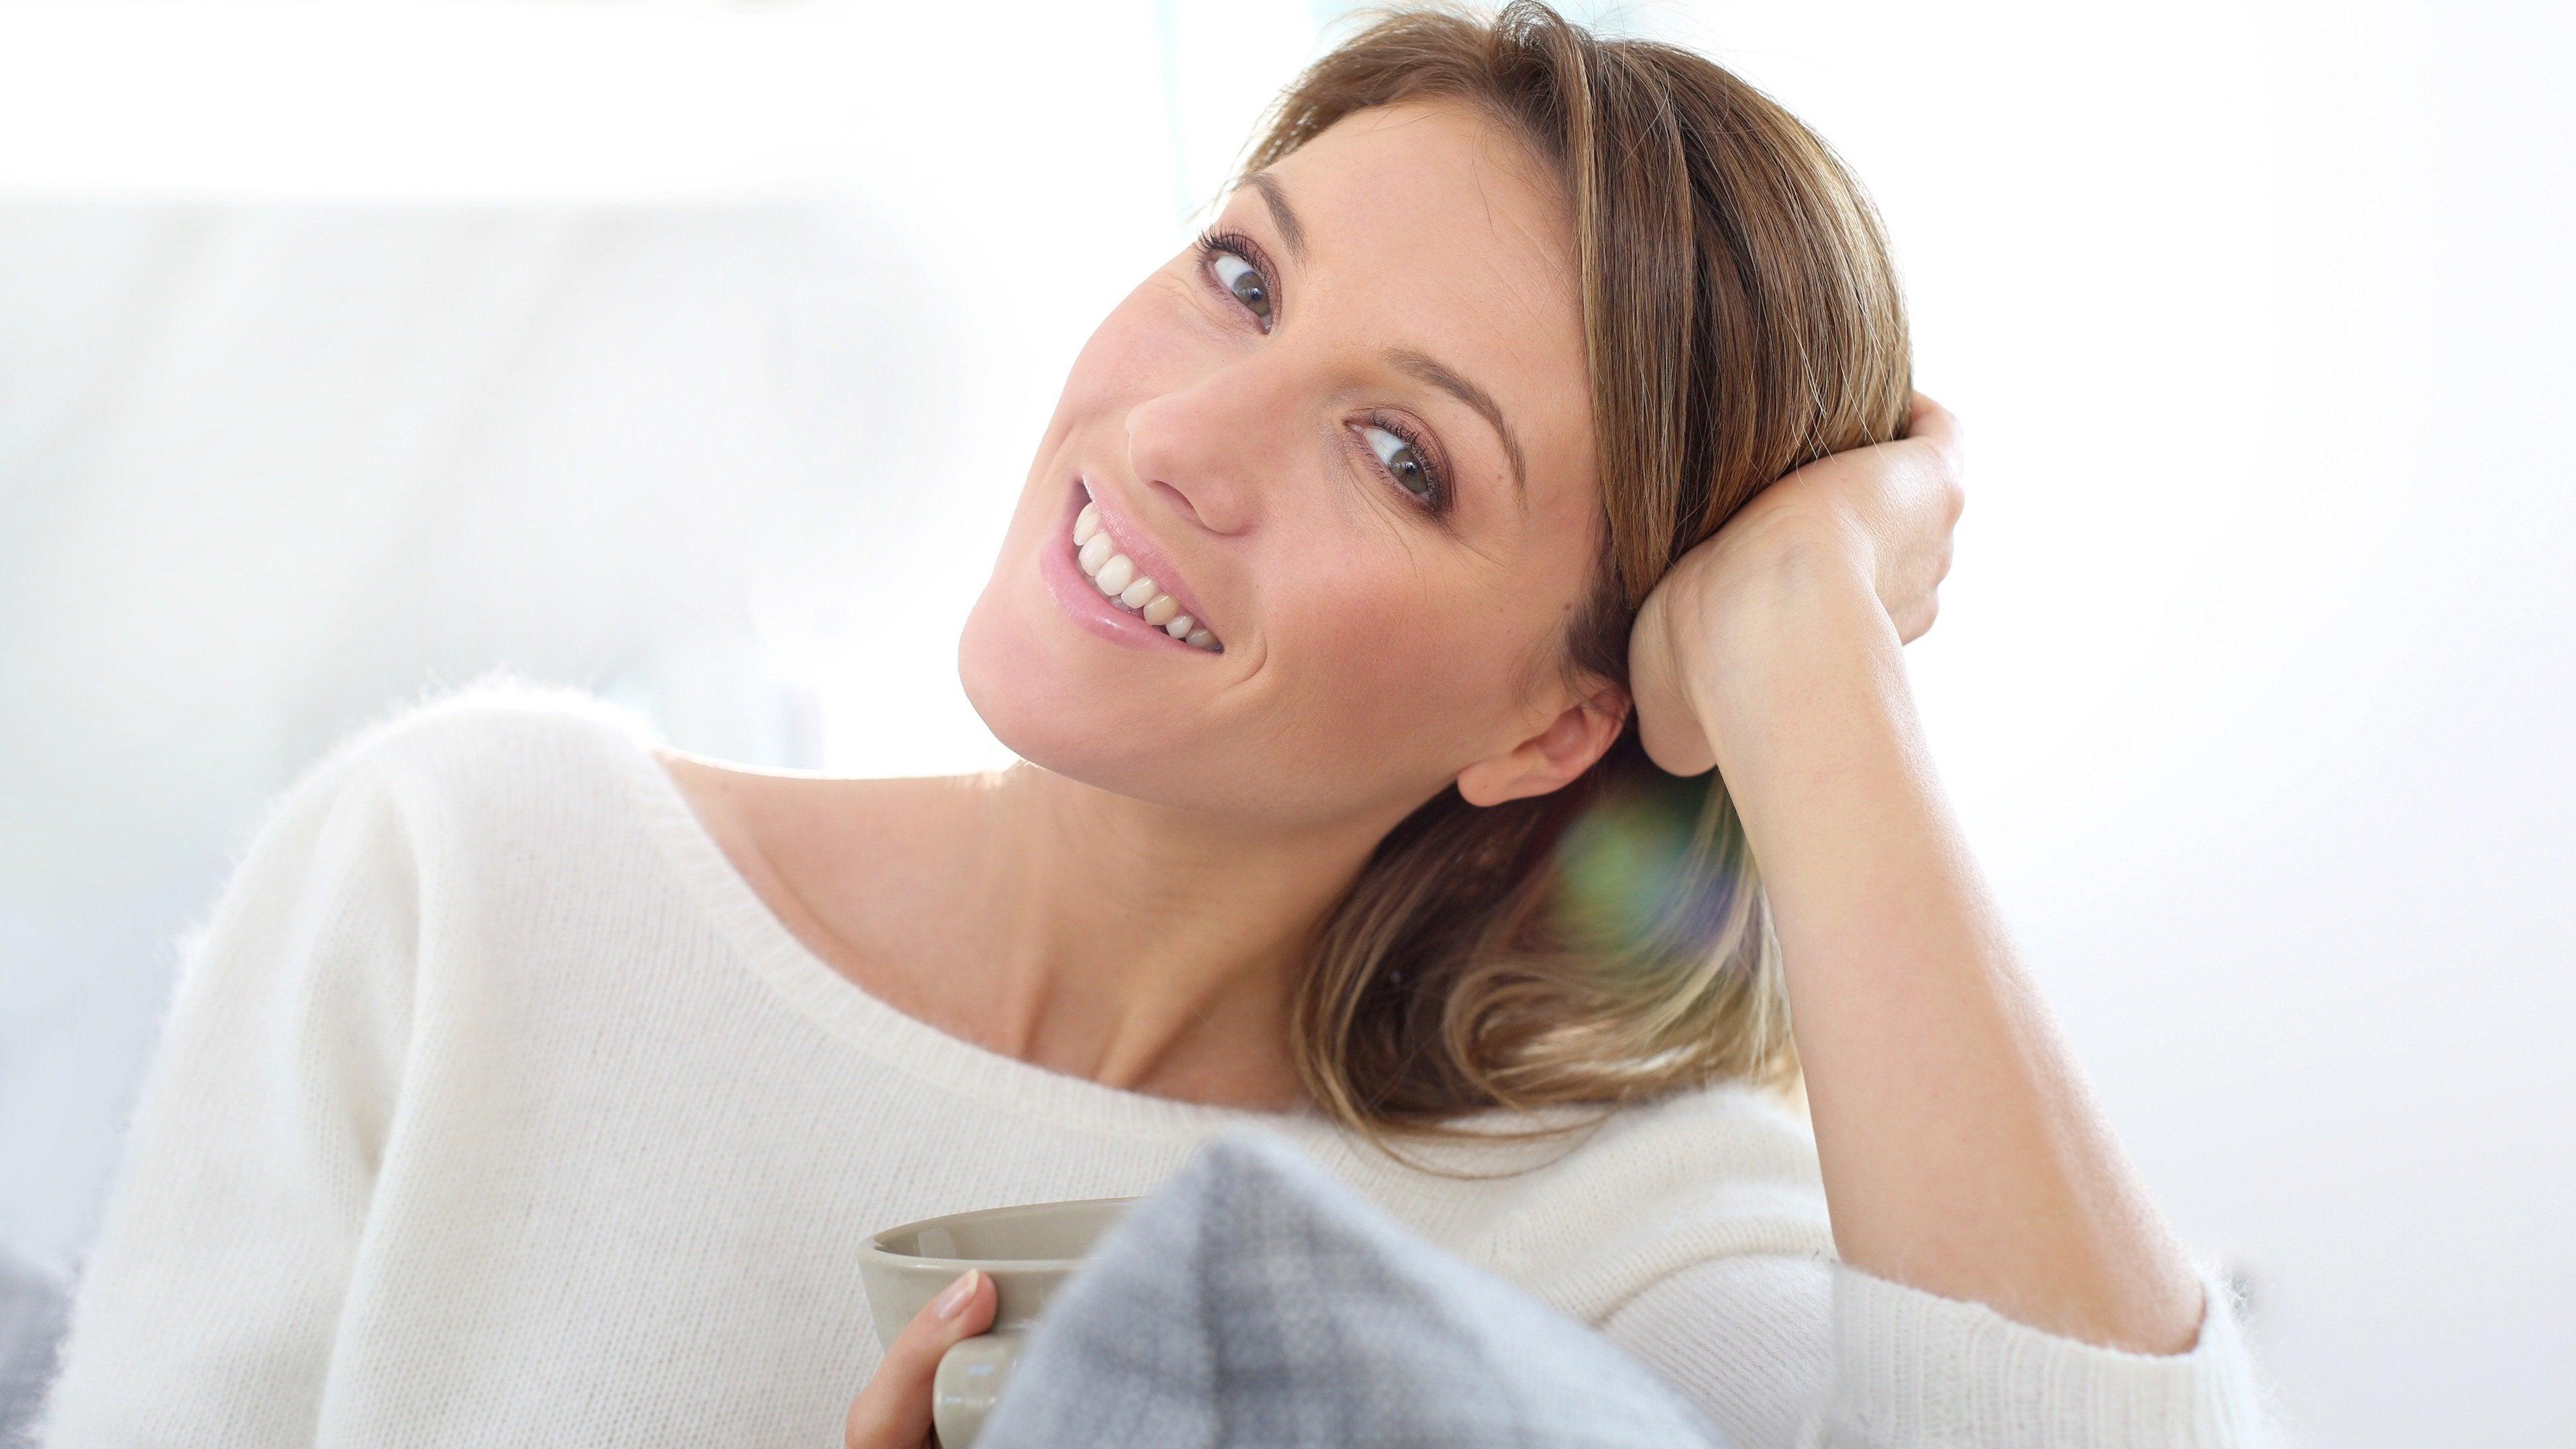 5 Makeup Tips 4 Older Women!